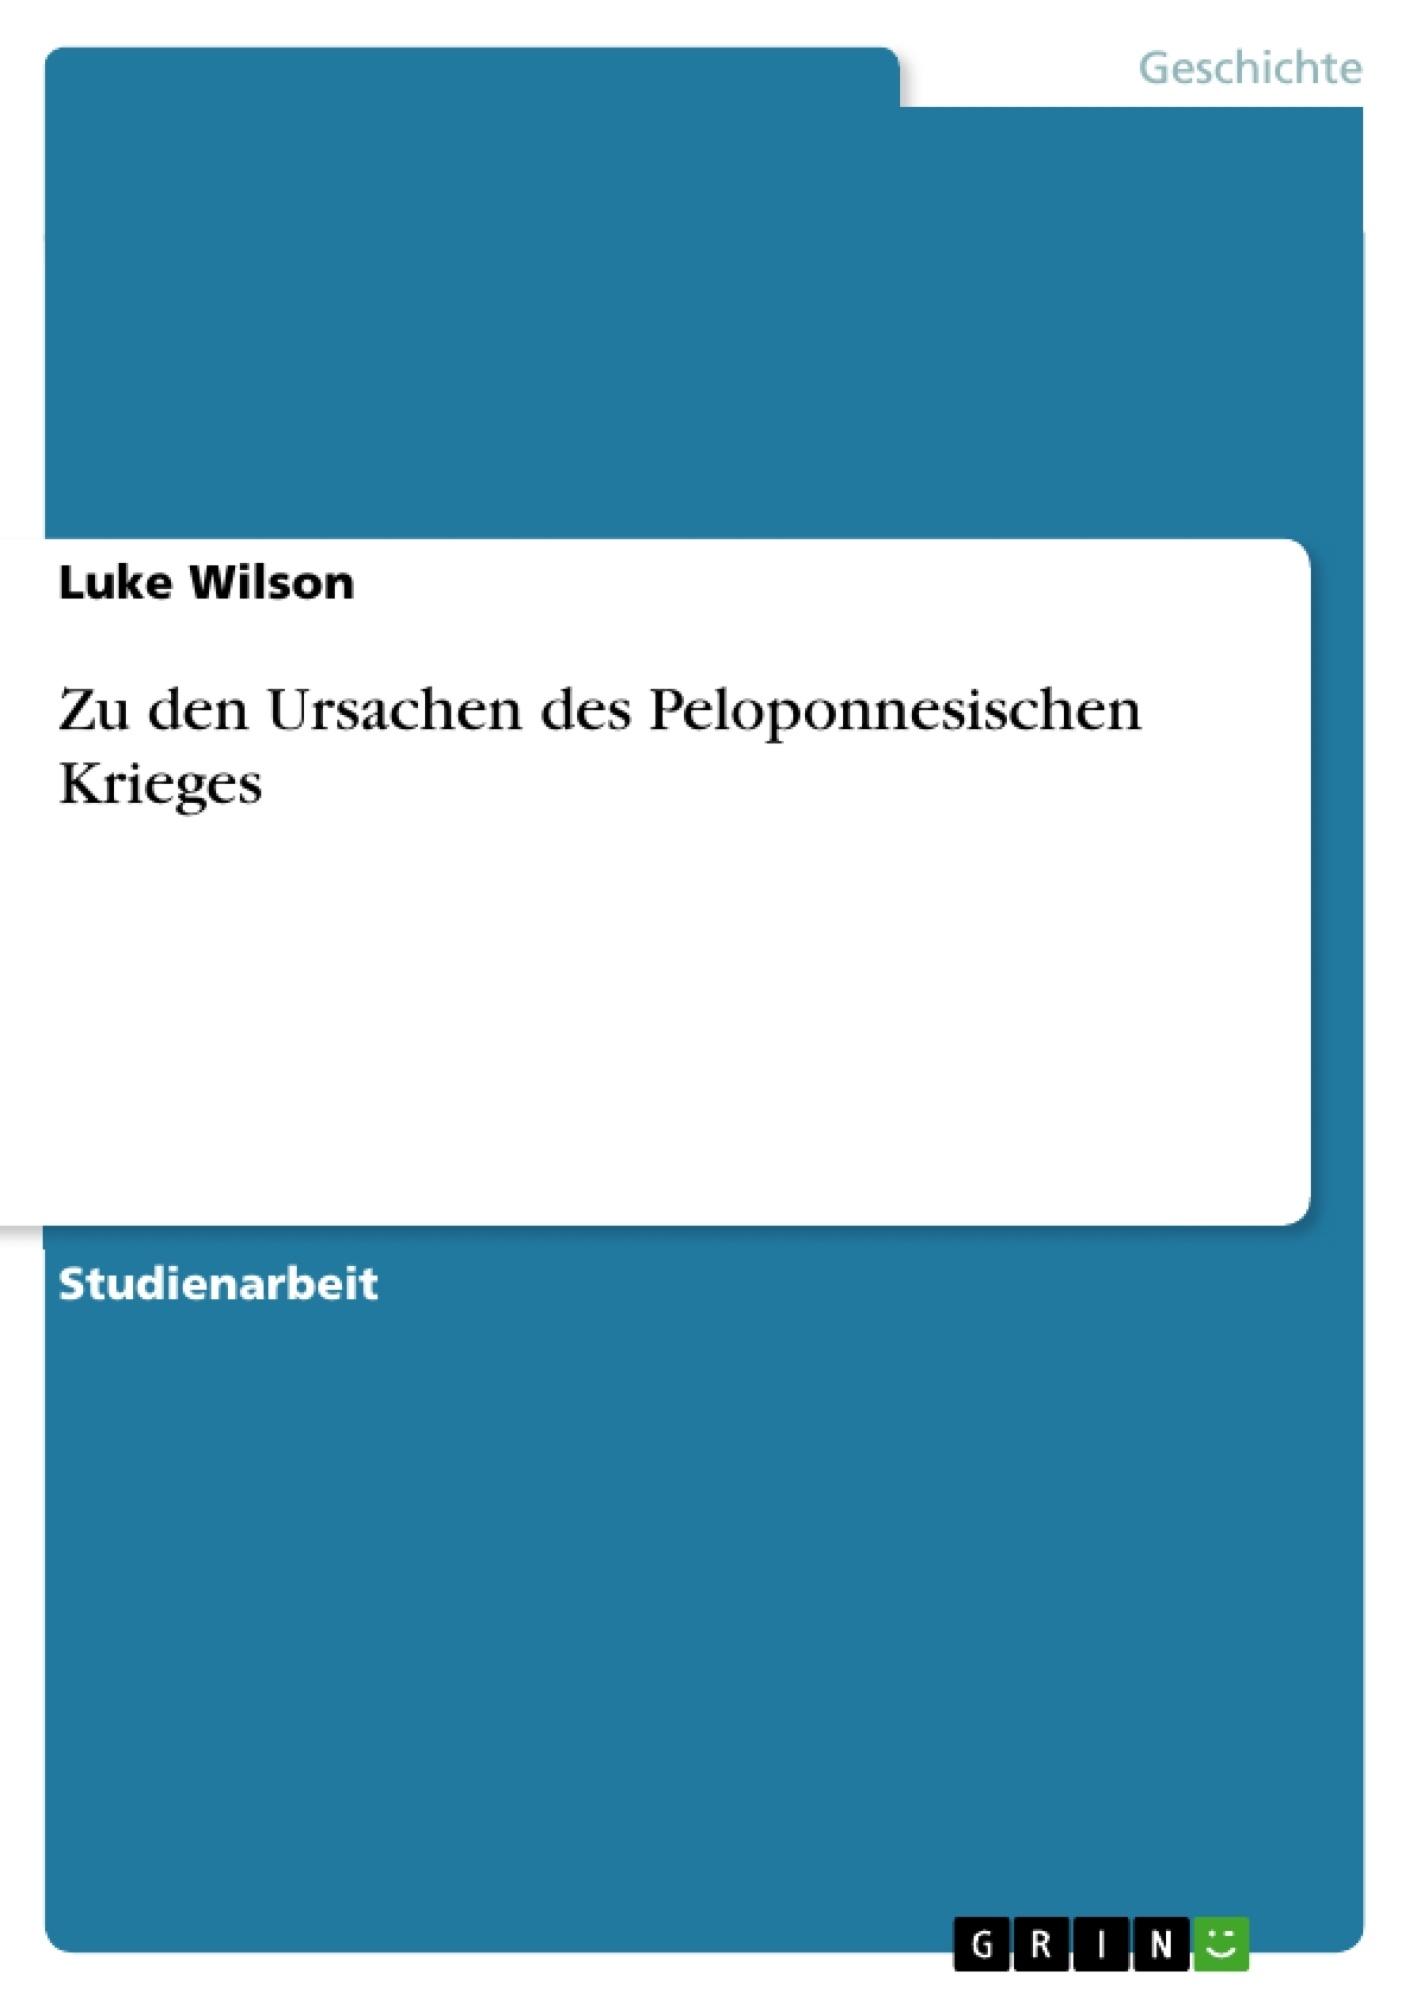 Titel: Zu den Ursachen des Peloponnesischen Krieges